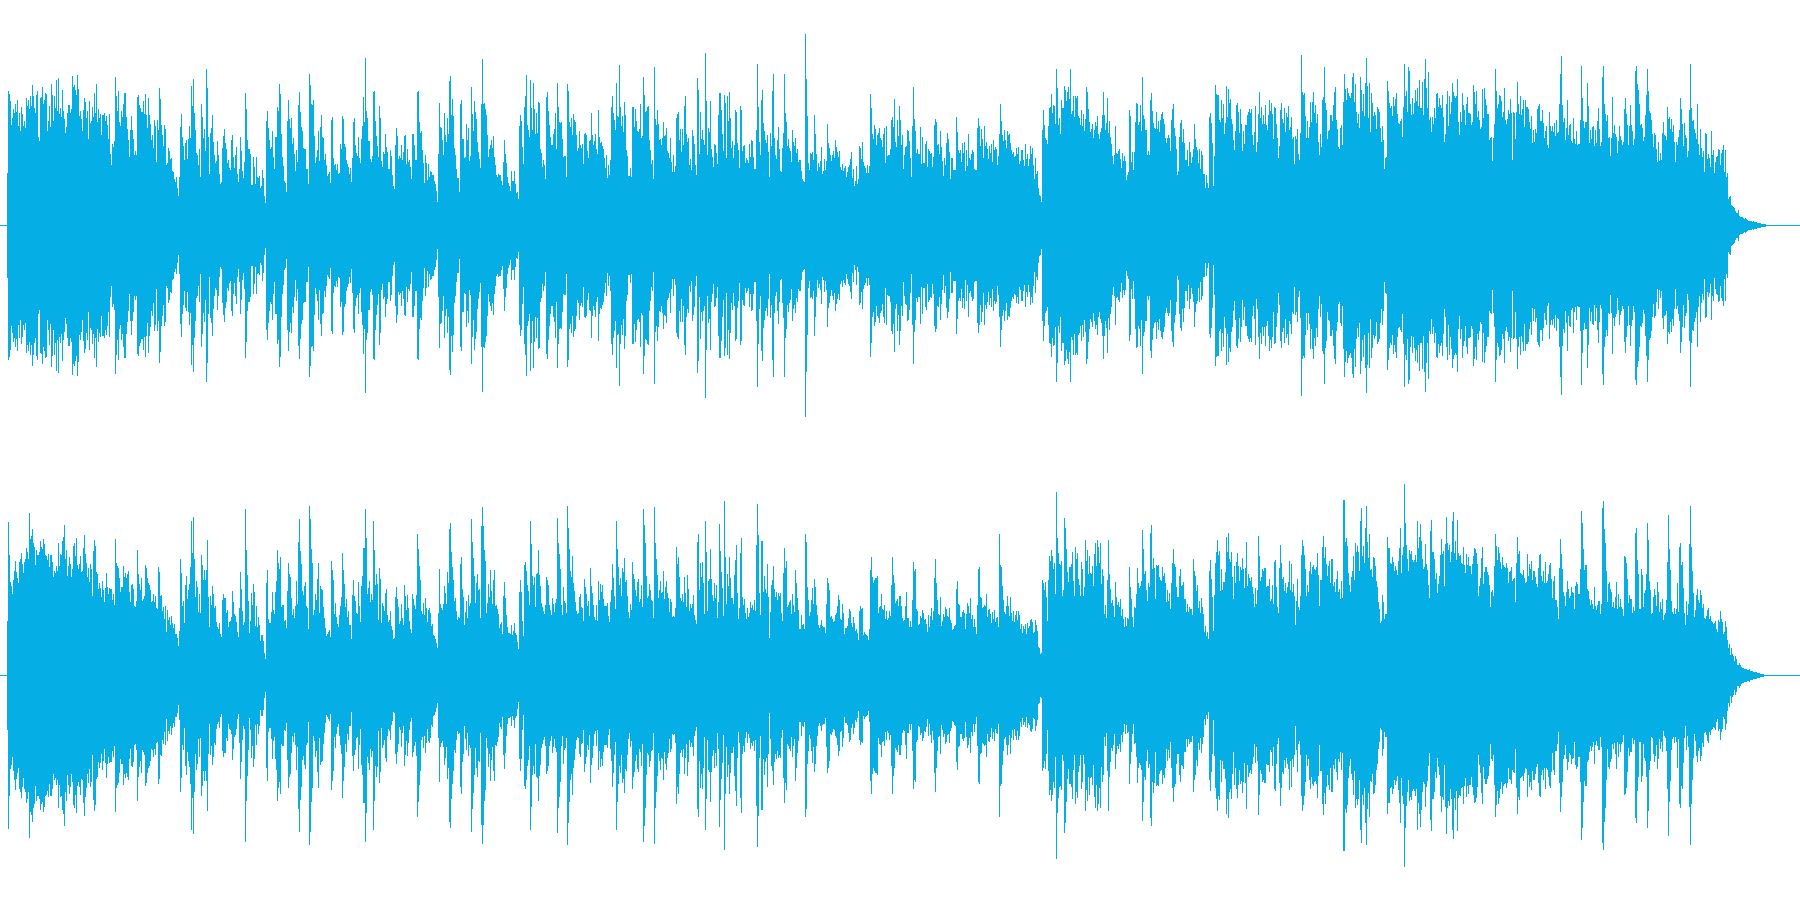 ギターとピアノが温かいインスト曲の再生済みの波形